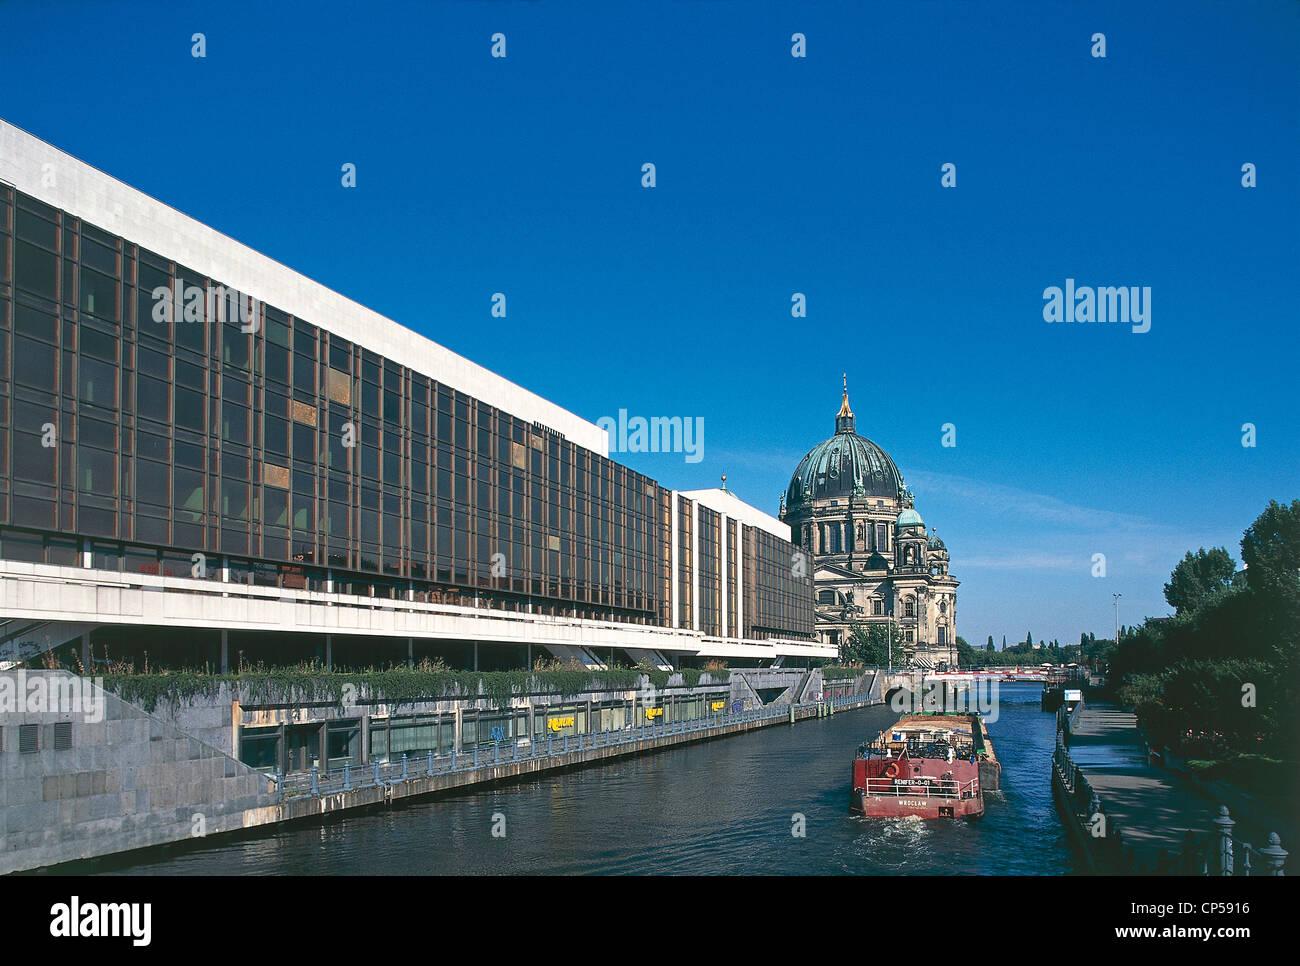 Deutschland des 20. Jahrhunderts der neunziger Jahre Berlin. Palast der Republik (Palast der Republik) Berliner Stockbild